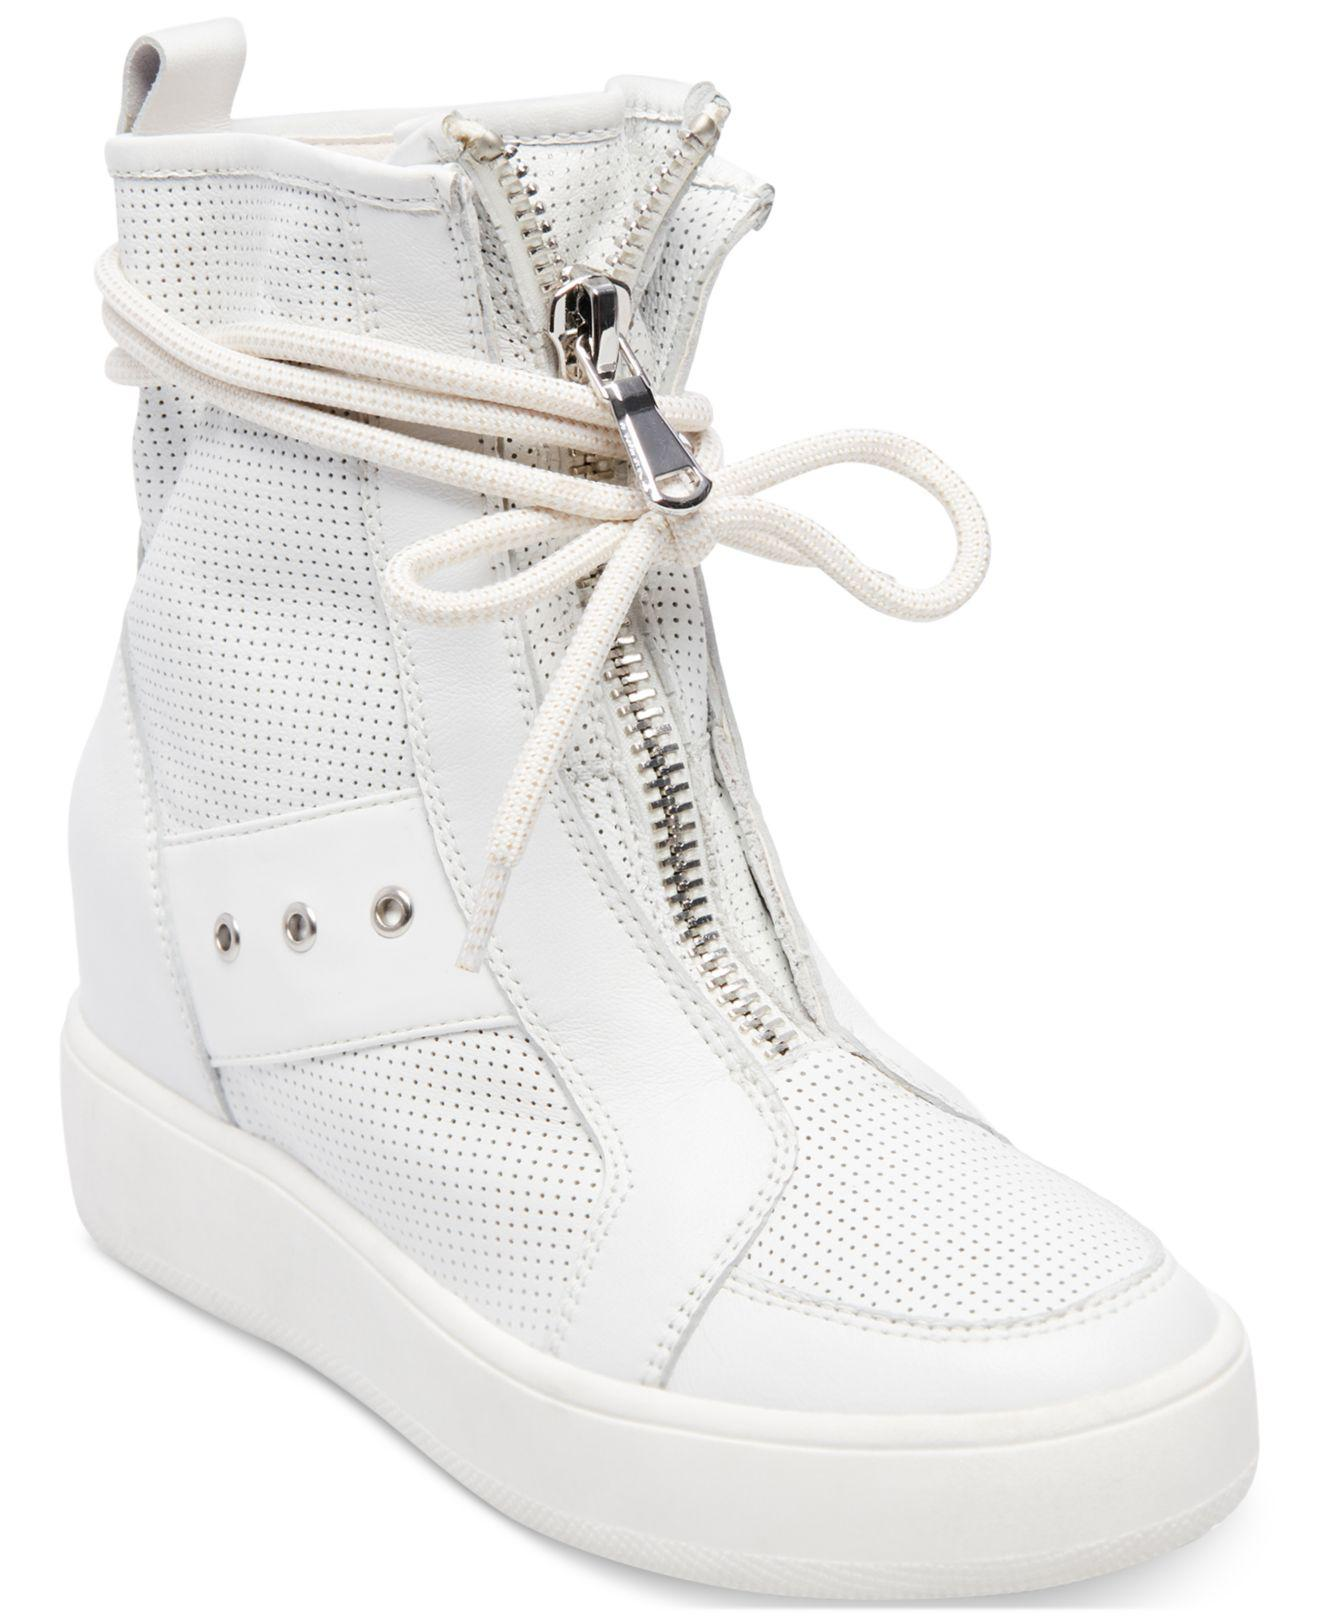 5804efa4e21 Steve Madden Anton High-top Sneakers in White - Lyst